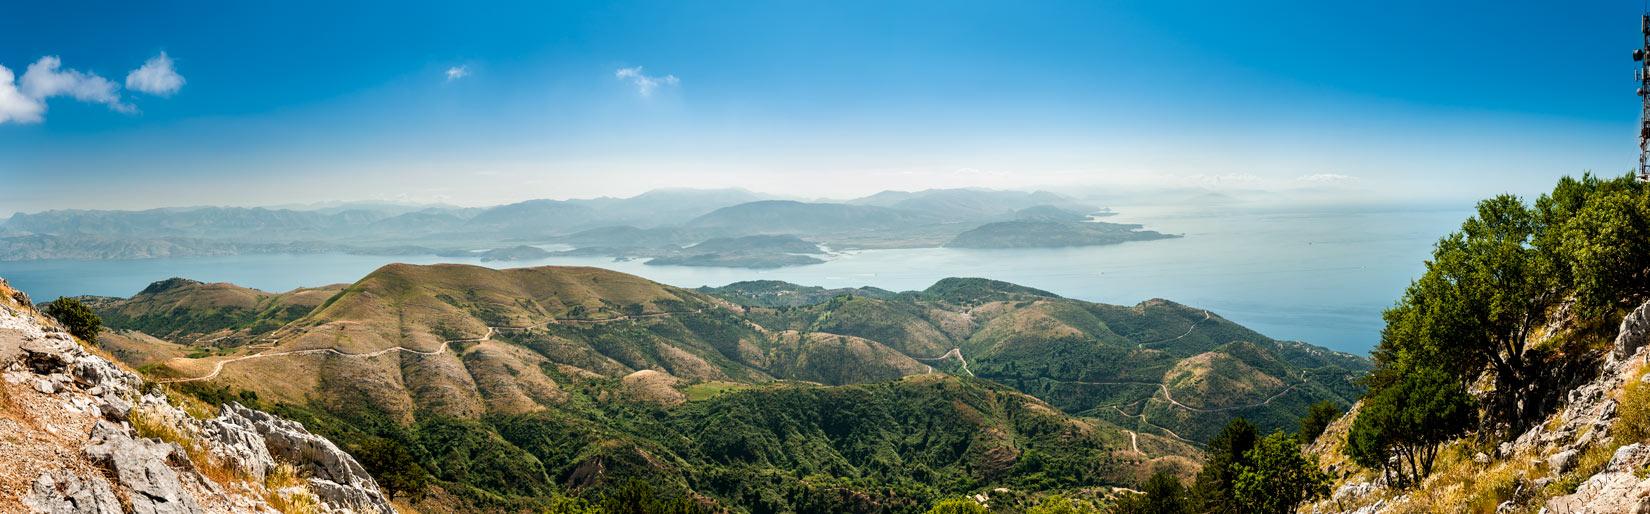 Parádní panorama východní části Kerkyry a Albánie z hory Pantokrator